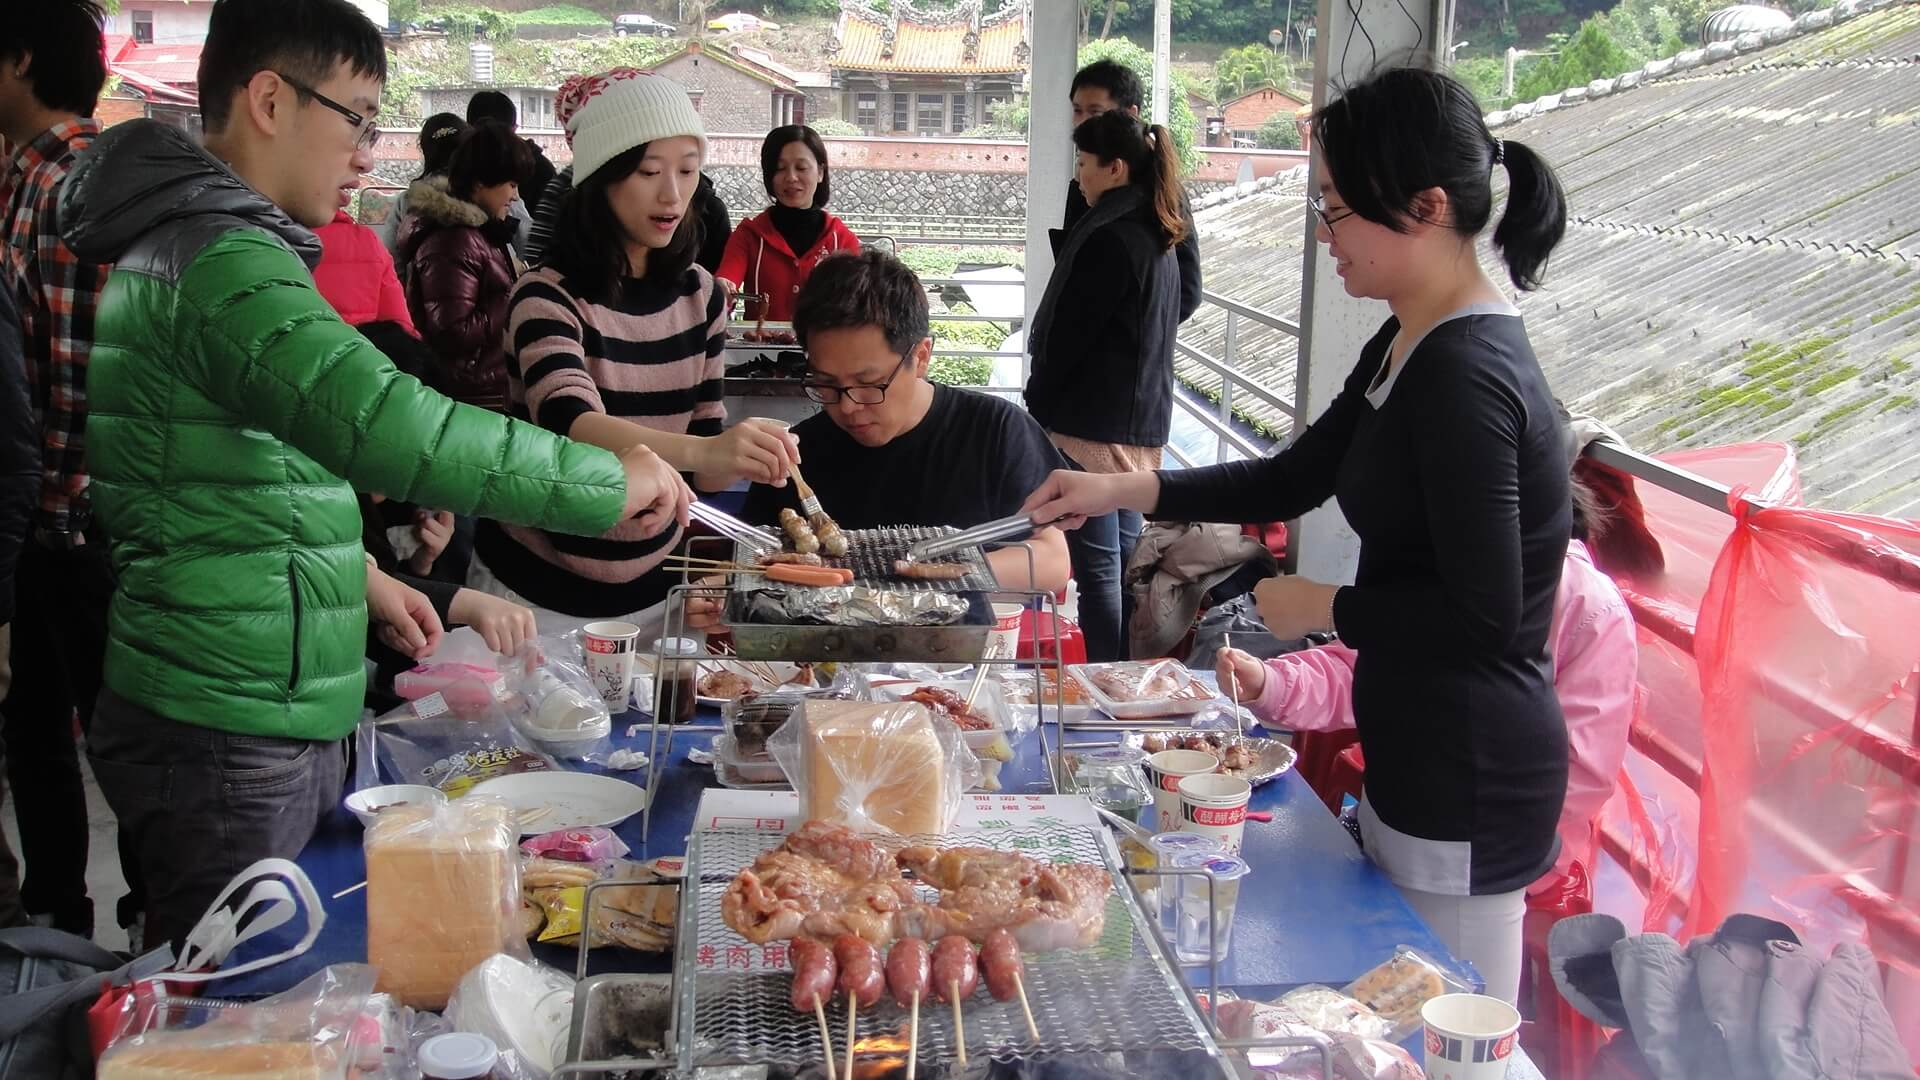 烤肉 相片來源:淡水淡江農場